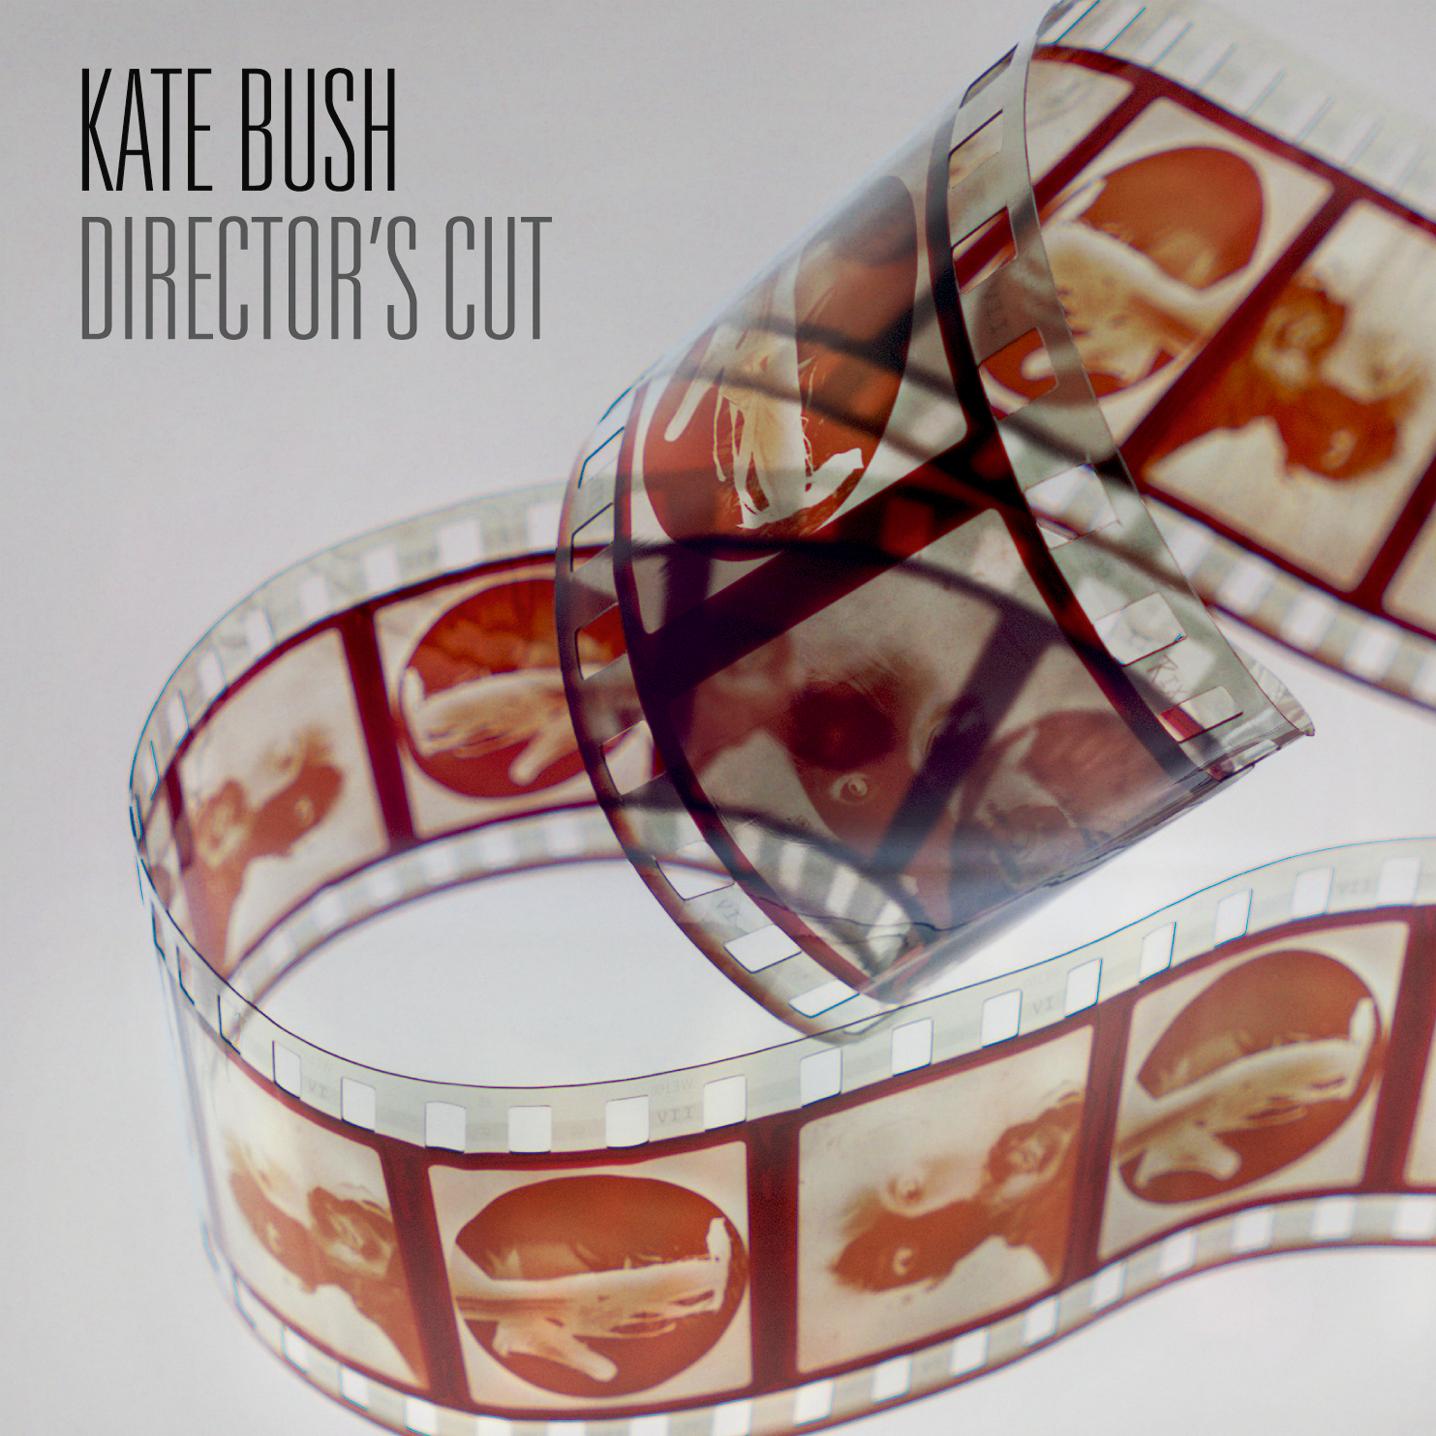 Director's Cut, nouvel album de Kate Bush